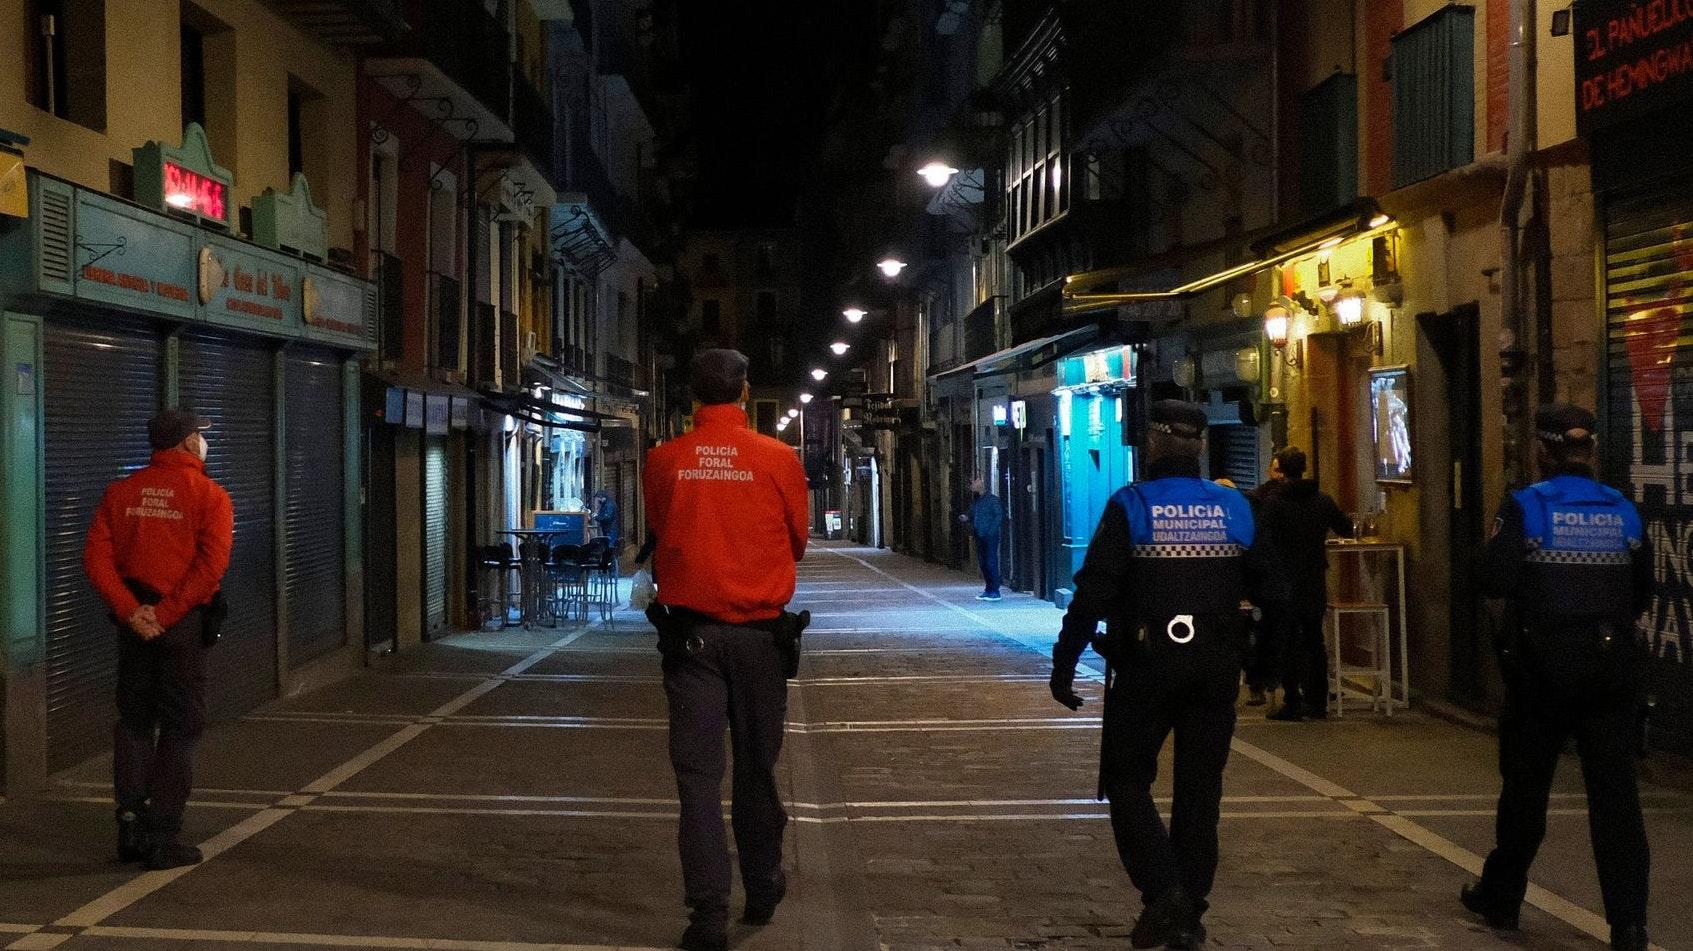 Wegen der sprunghaft steigenden Corona-Infektionszahlen in Europa gelten seit Samstag um Mitternacht Reisewarnungen für weitere Regionen in 15 EU-Ländern. Foto: dpa/Barrientos